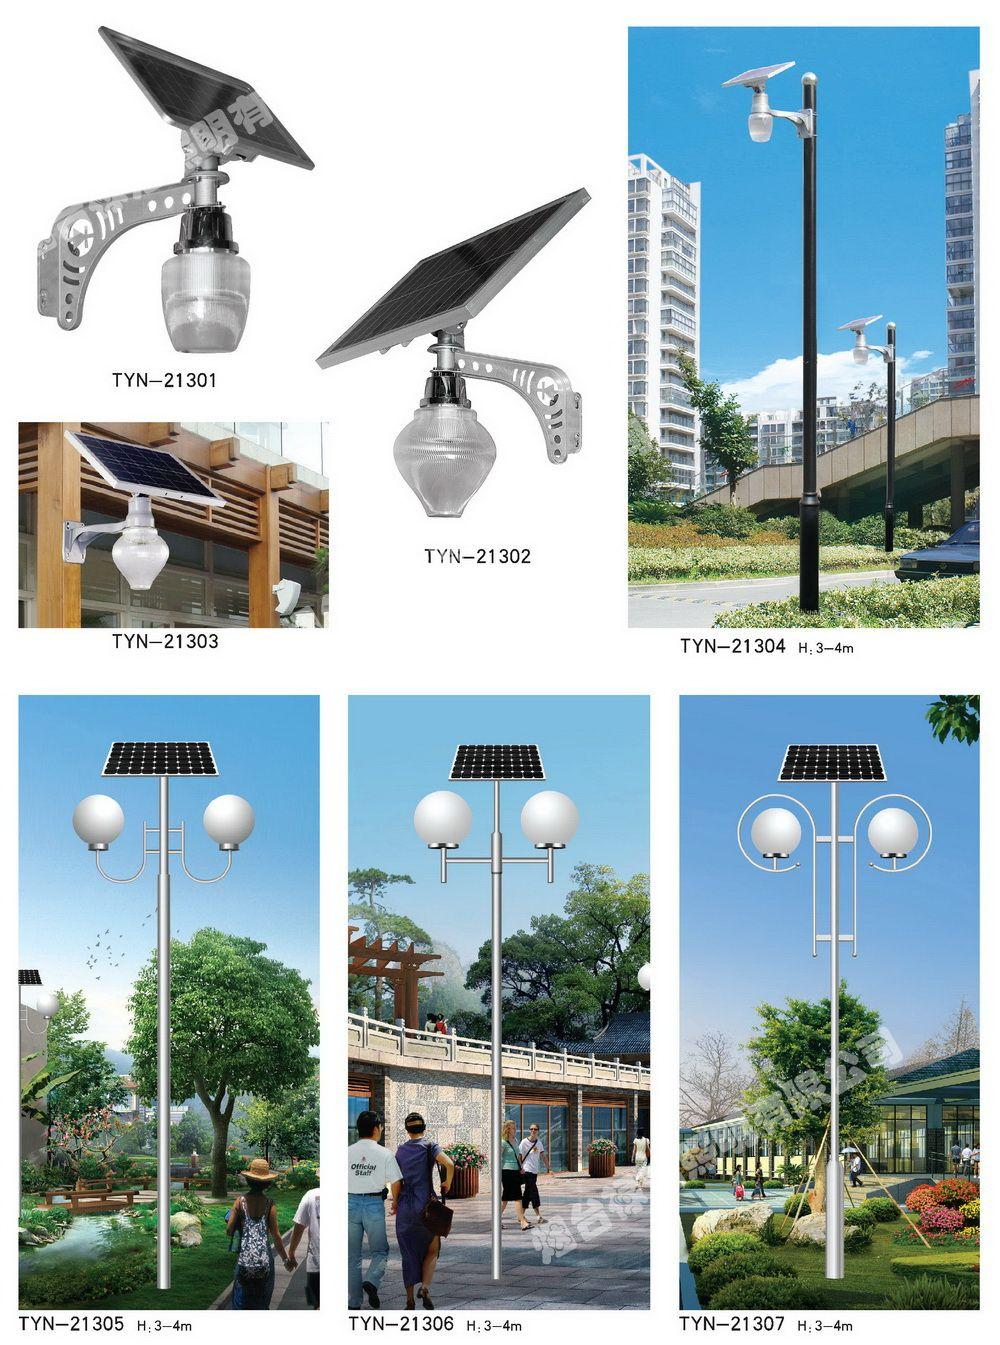 太阳能灯庭院灯价格_报价_促销_图片_多少钱-苏宁易购手机版